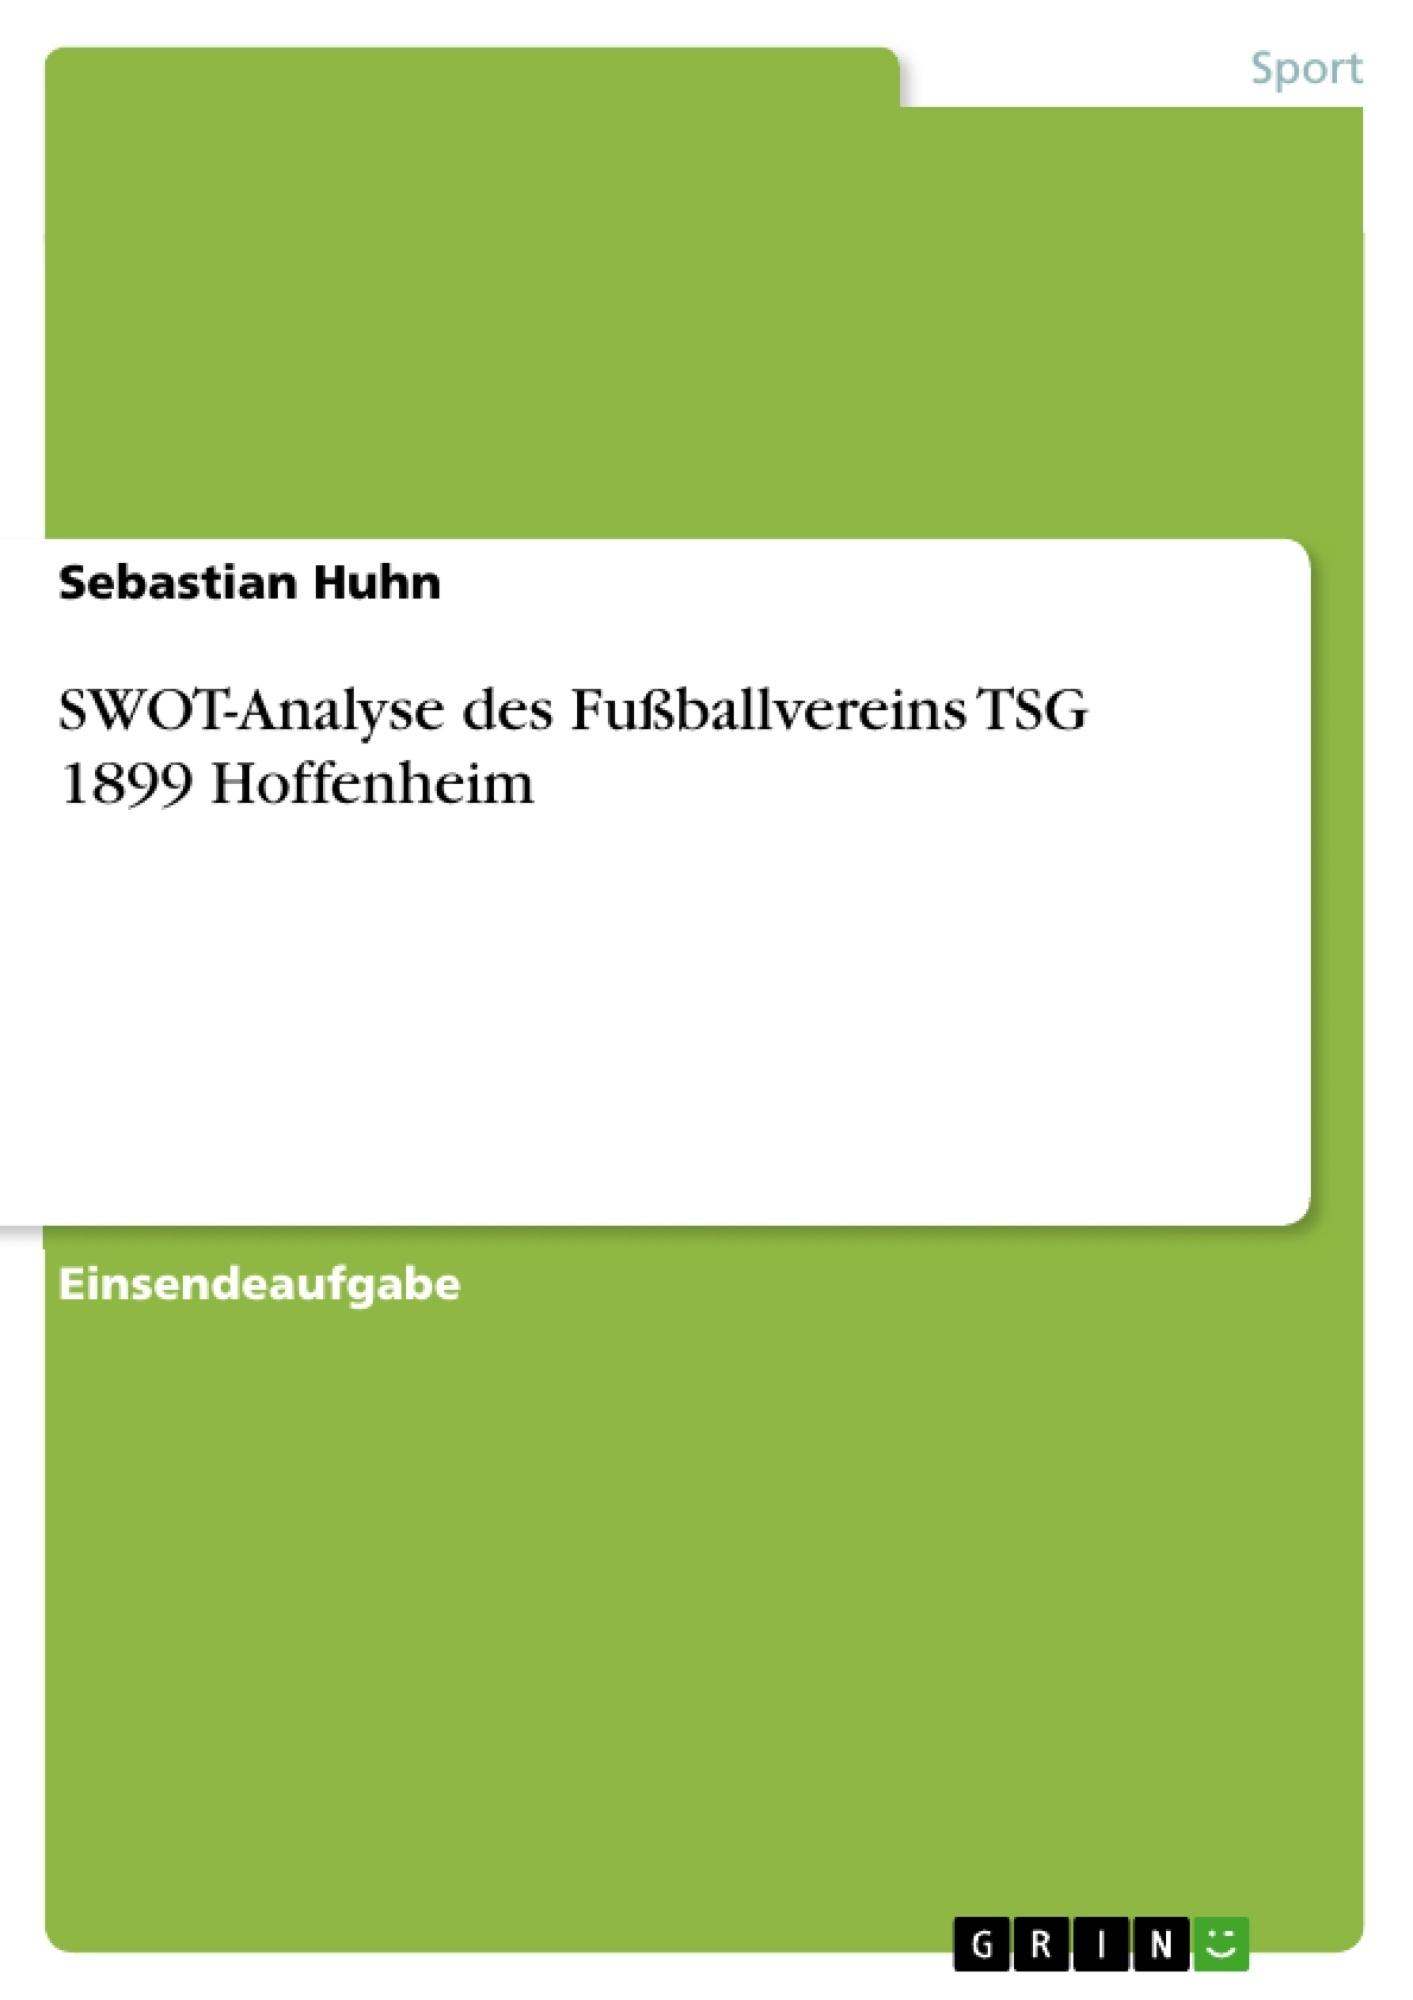 Titel: SWOT-Analyse des Fußballvereins TSG 1899 Hoffenheim